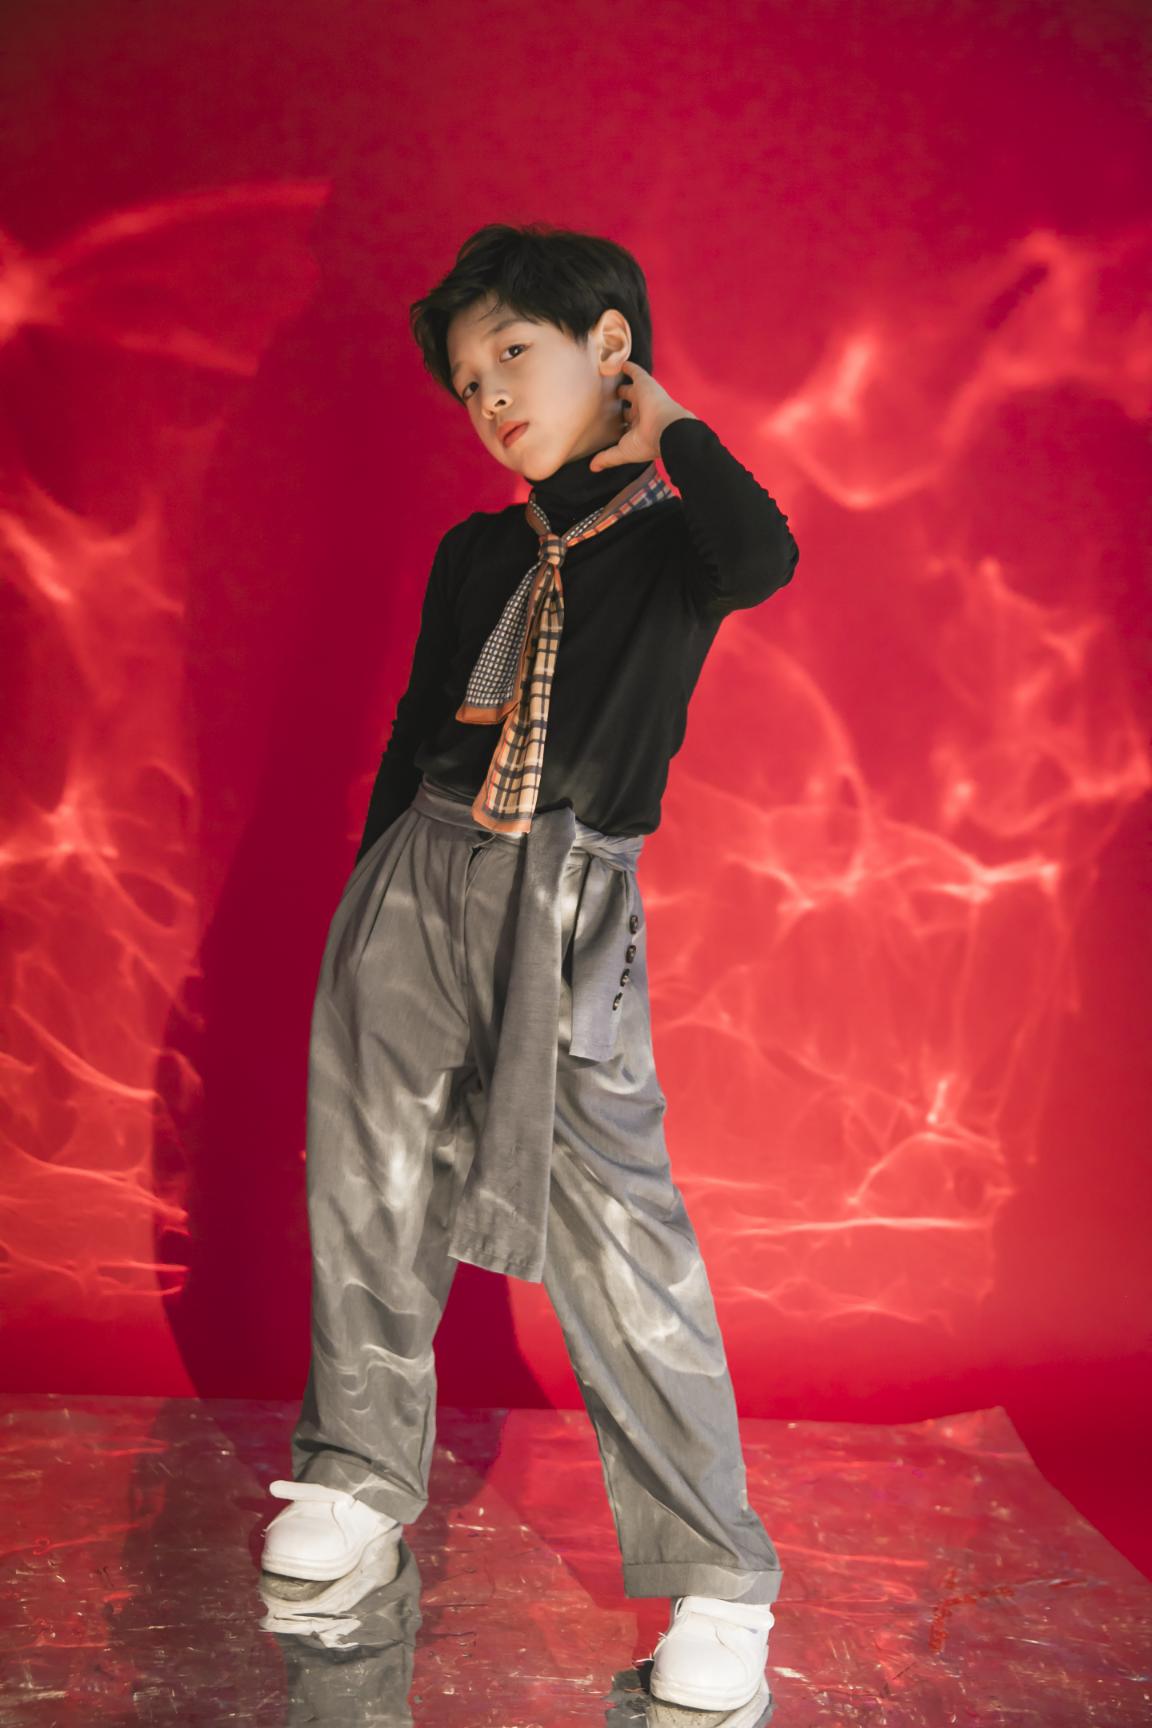 2020星主角少儿模特影视大赛全球形象推广大使张铭轩